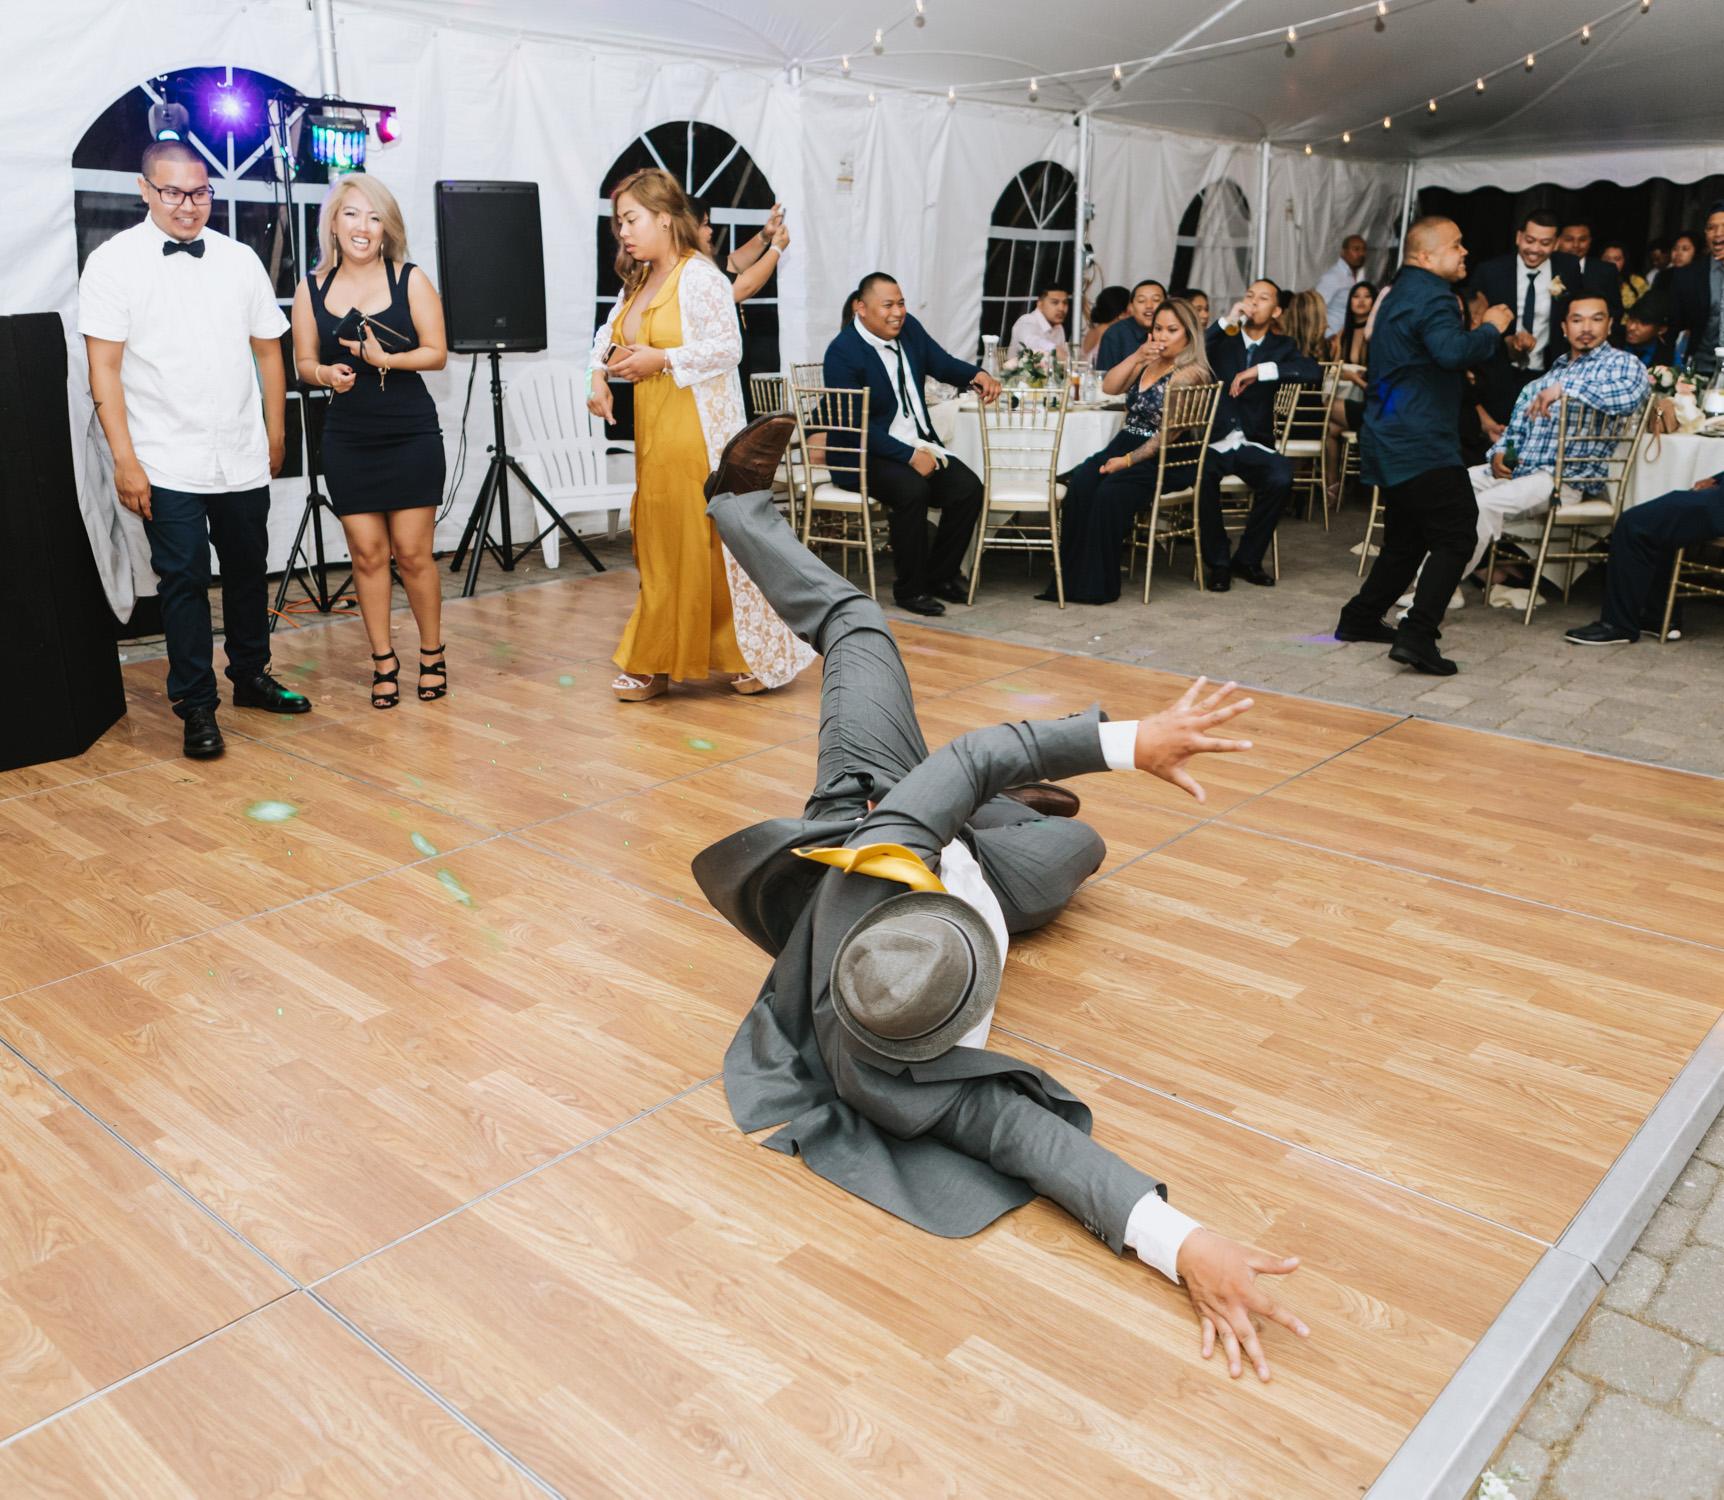 Stevens__Estate_Cambodian_Wedding_Photographer-79.jpg